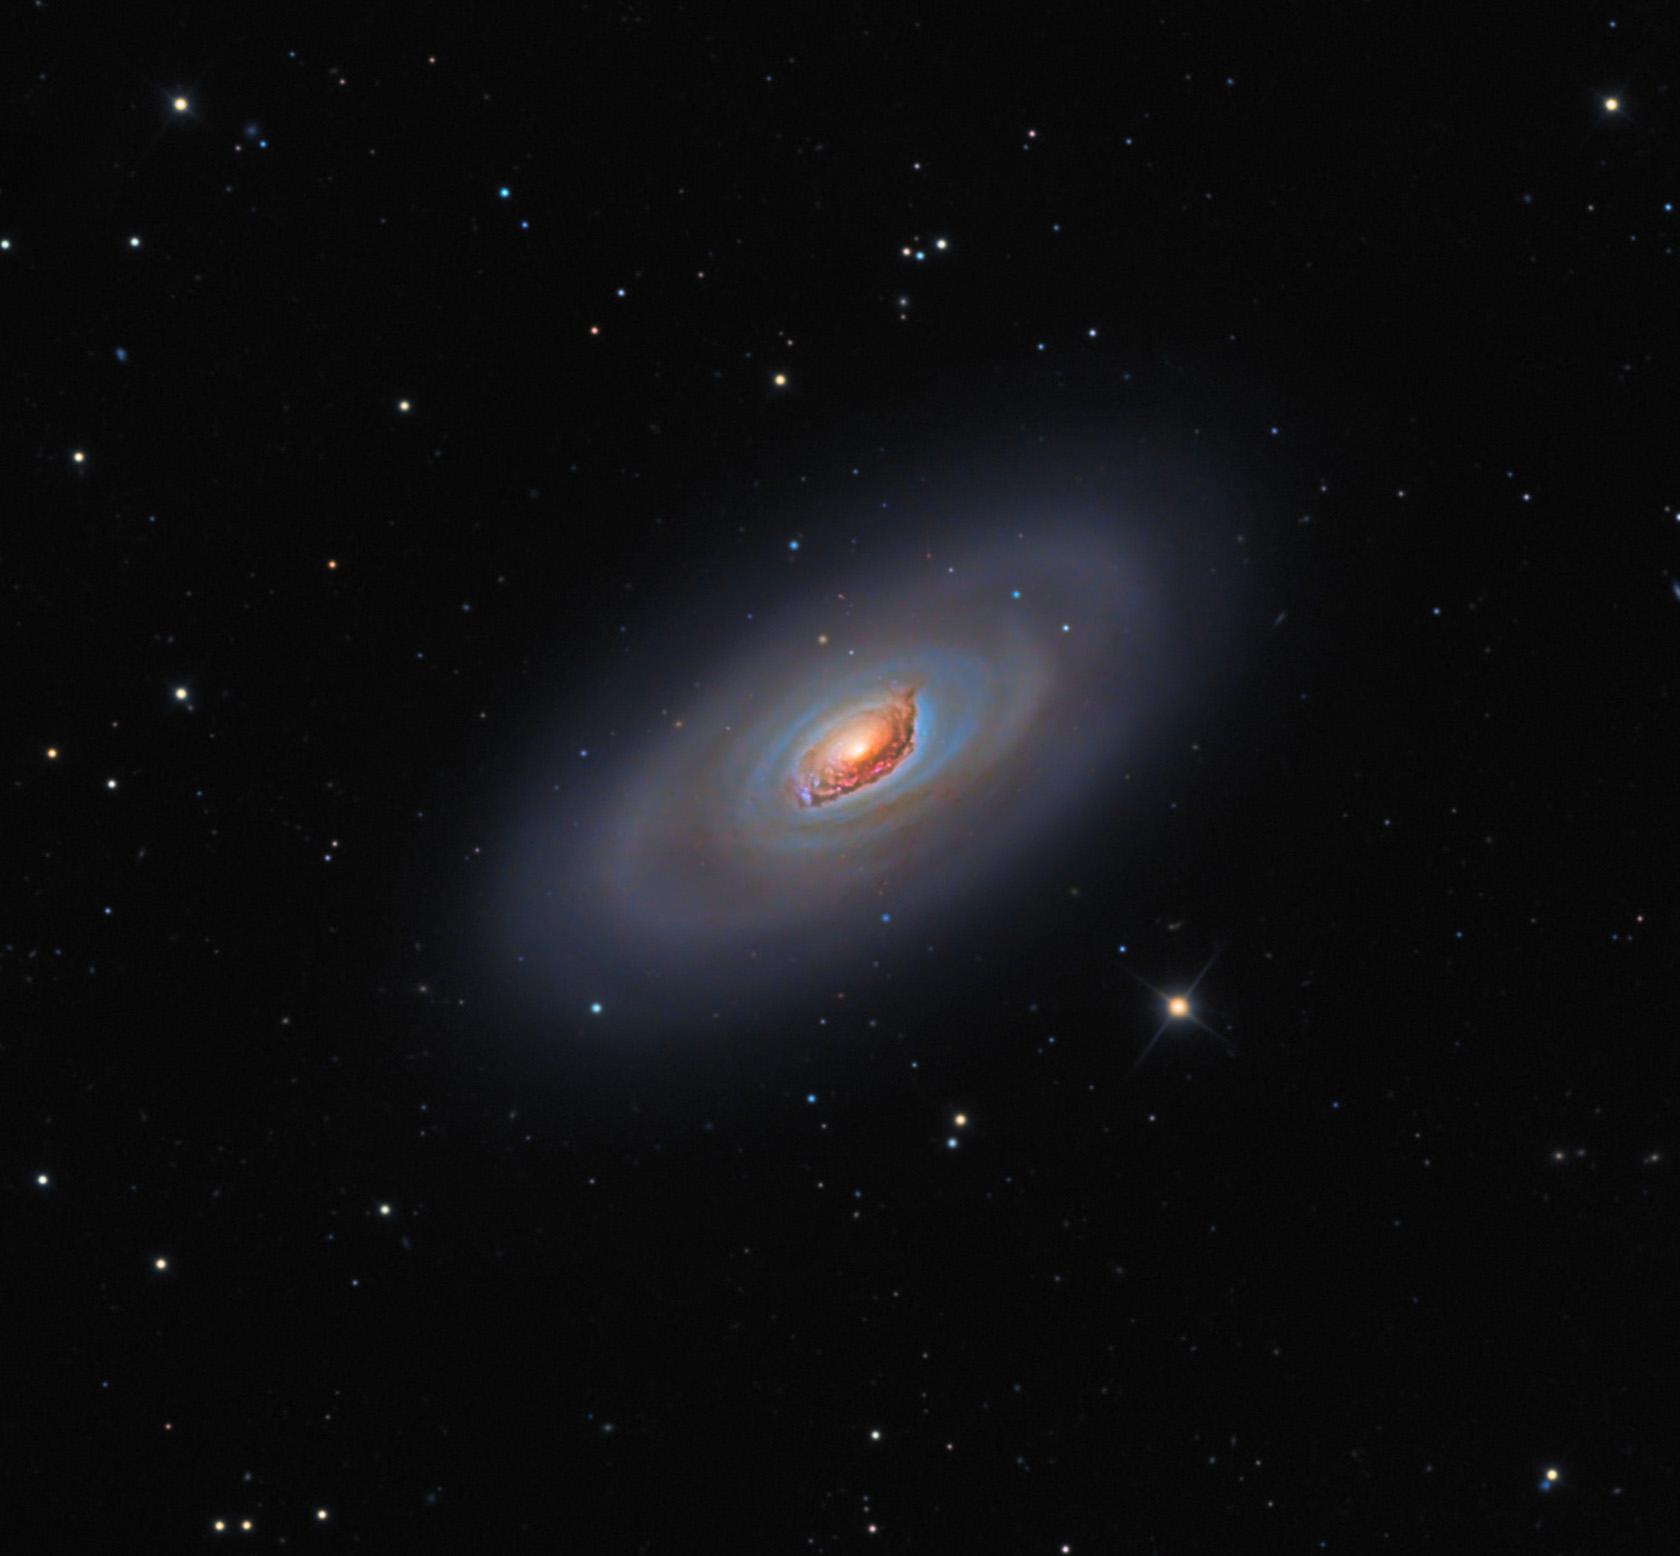 La Galassia Occhio Nero, conosciuta anche come Galassia M64, è una galassia a spirale, dalla forma a girandola, ed è ben visibile anche con piccoli telescopi